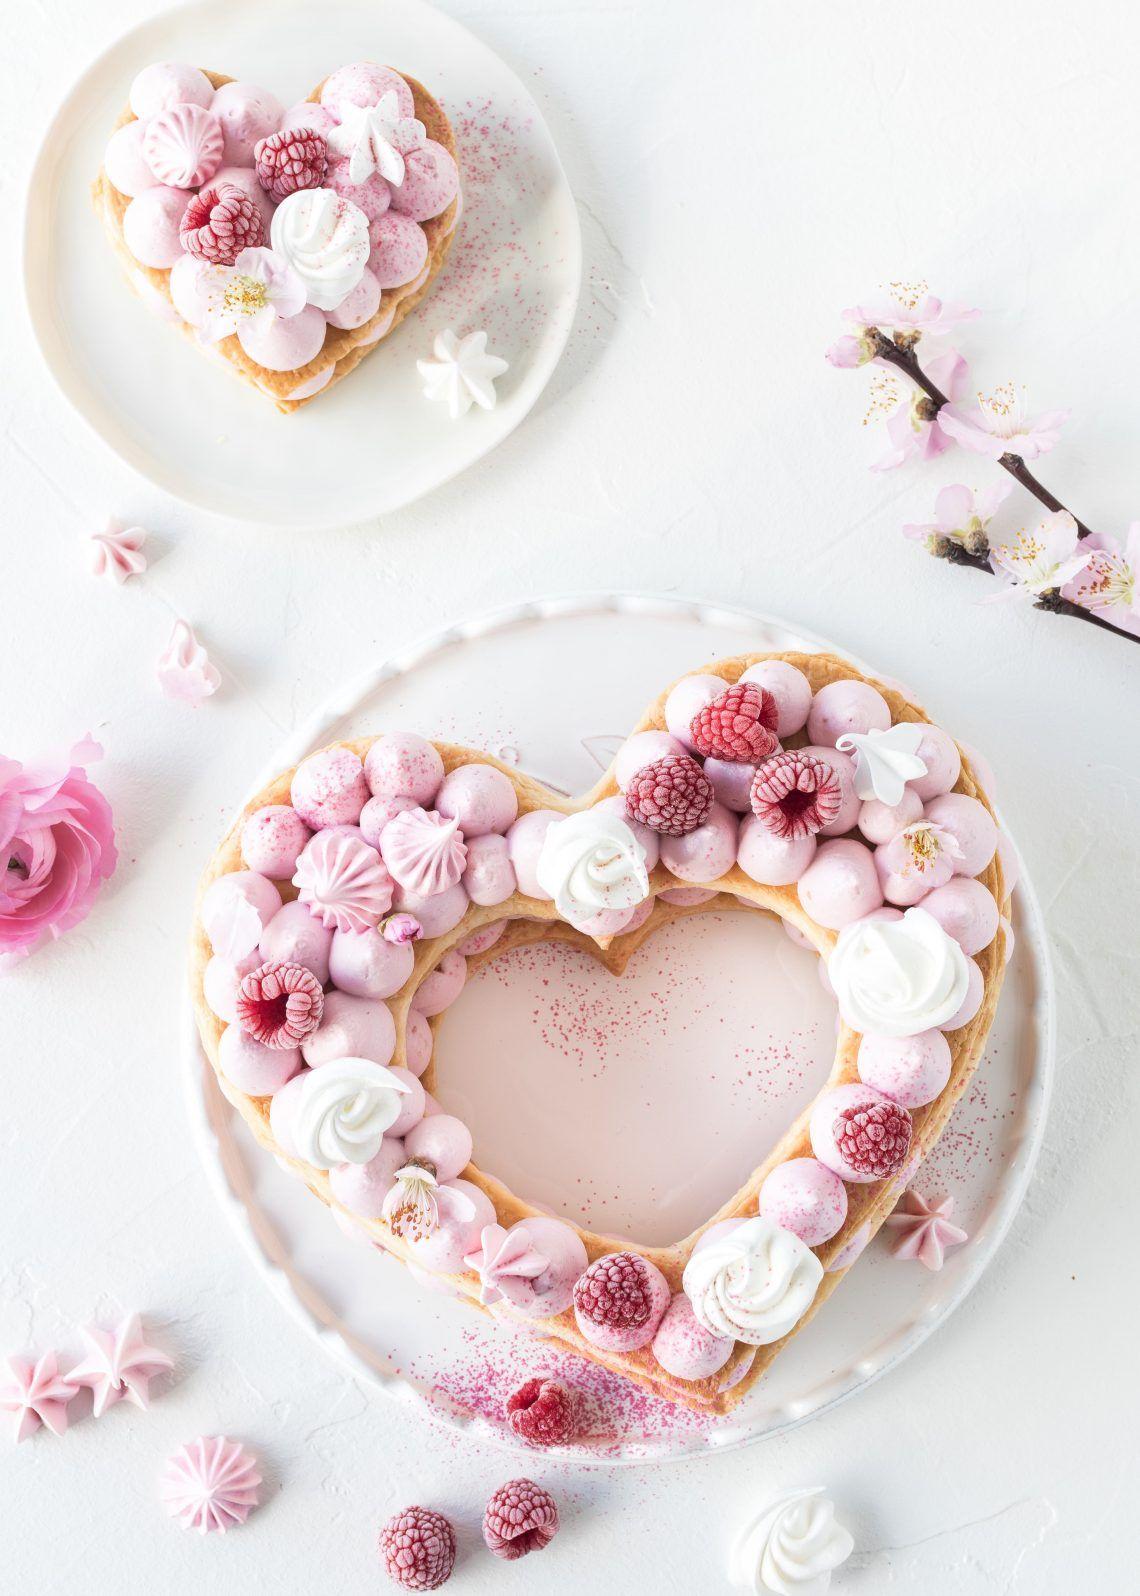 Mille Feuille Letter Cake Rezept zum Muttertag Valentinstag Herztorte backen #numbercake #lettercake #herztorte #valentinsday #muttertag #valentinstag | Emma´s Lieblingsstücke #lettercakegeburtstag